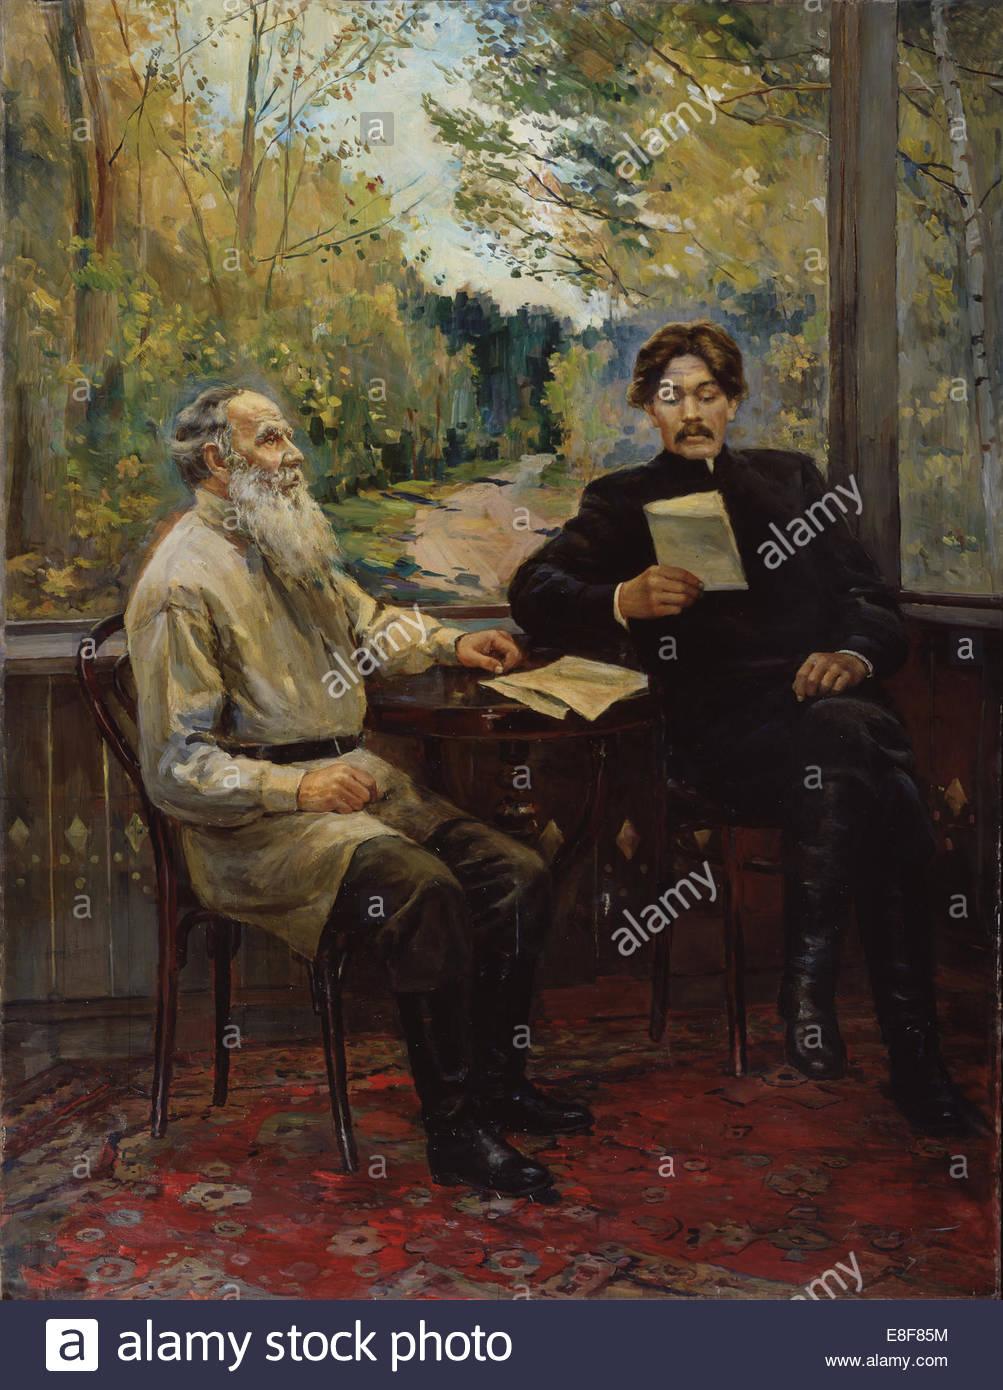 Maxim gorky visiting leo tolstoy in yasnaya polyana on 1900 artist nalbandian dmitri